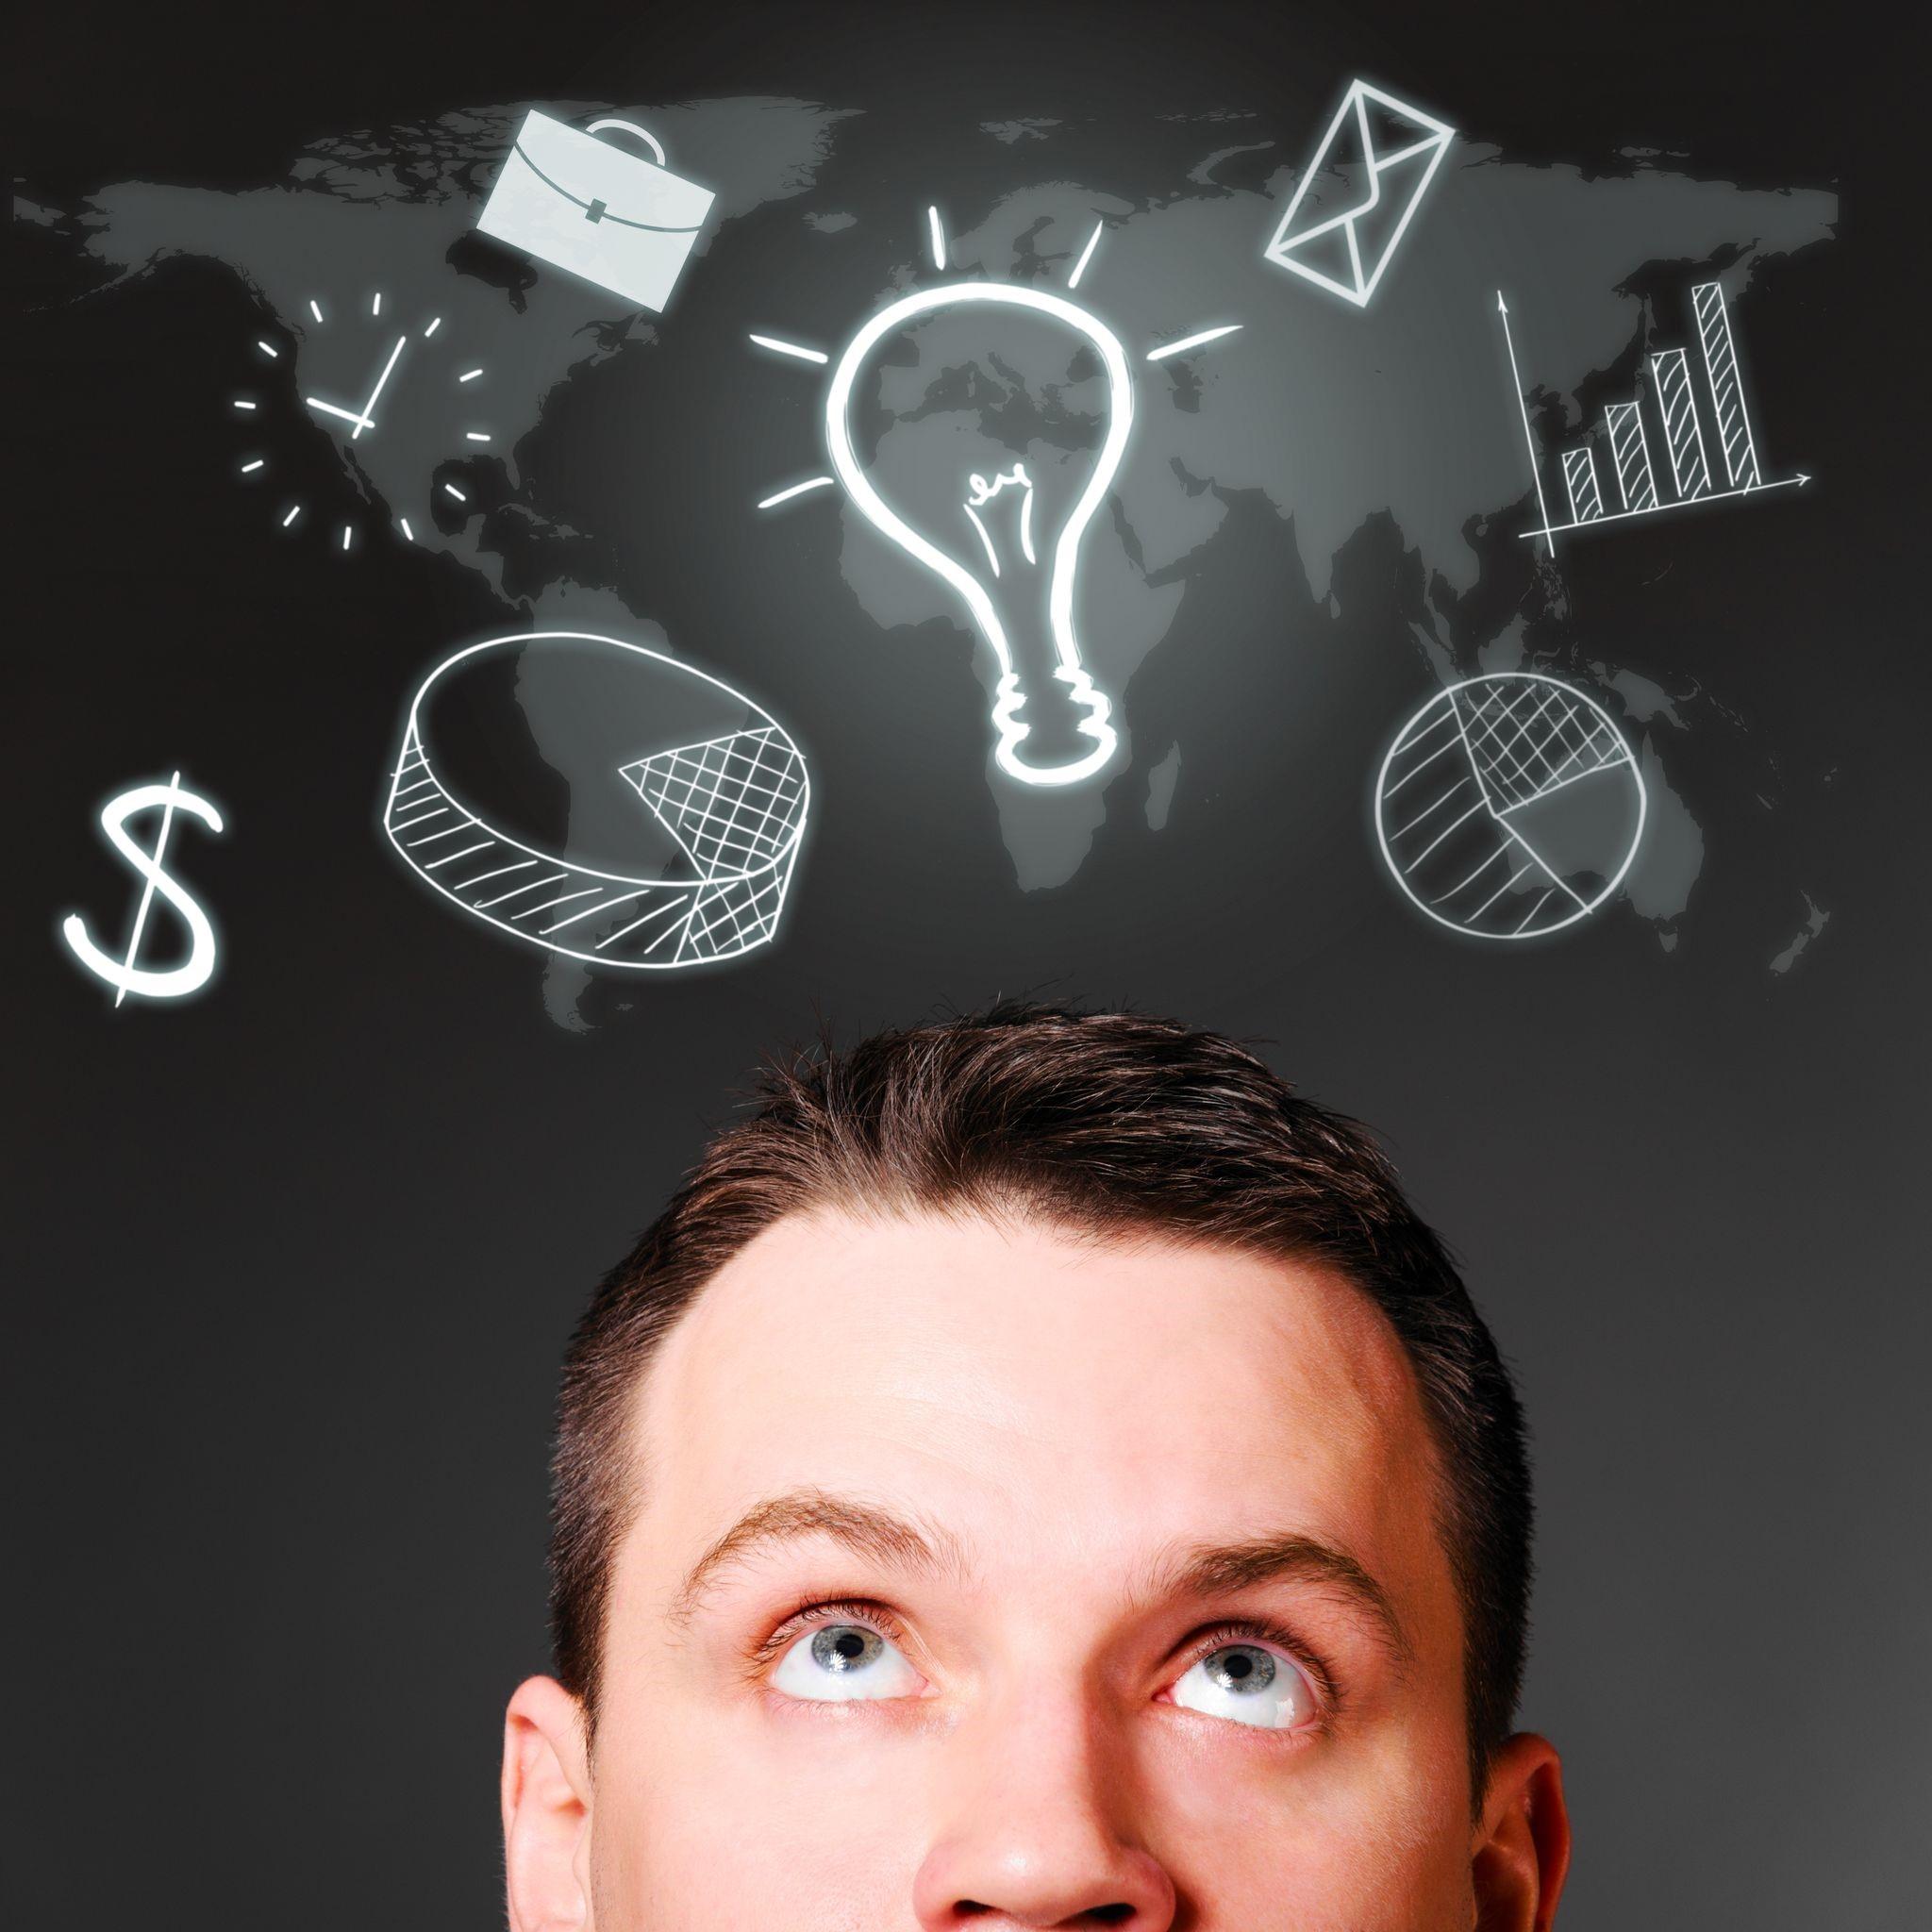 Planejar o inbound marketing é importante para sua empresa?